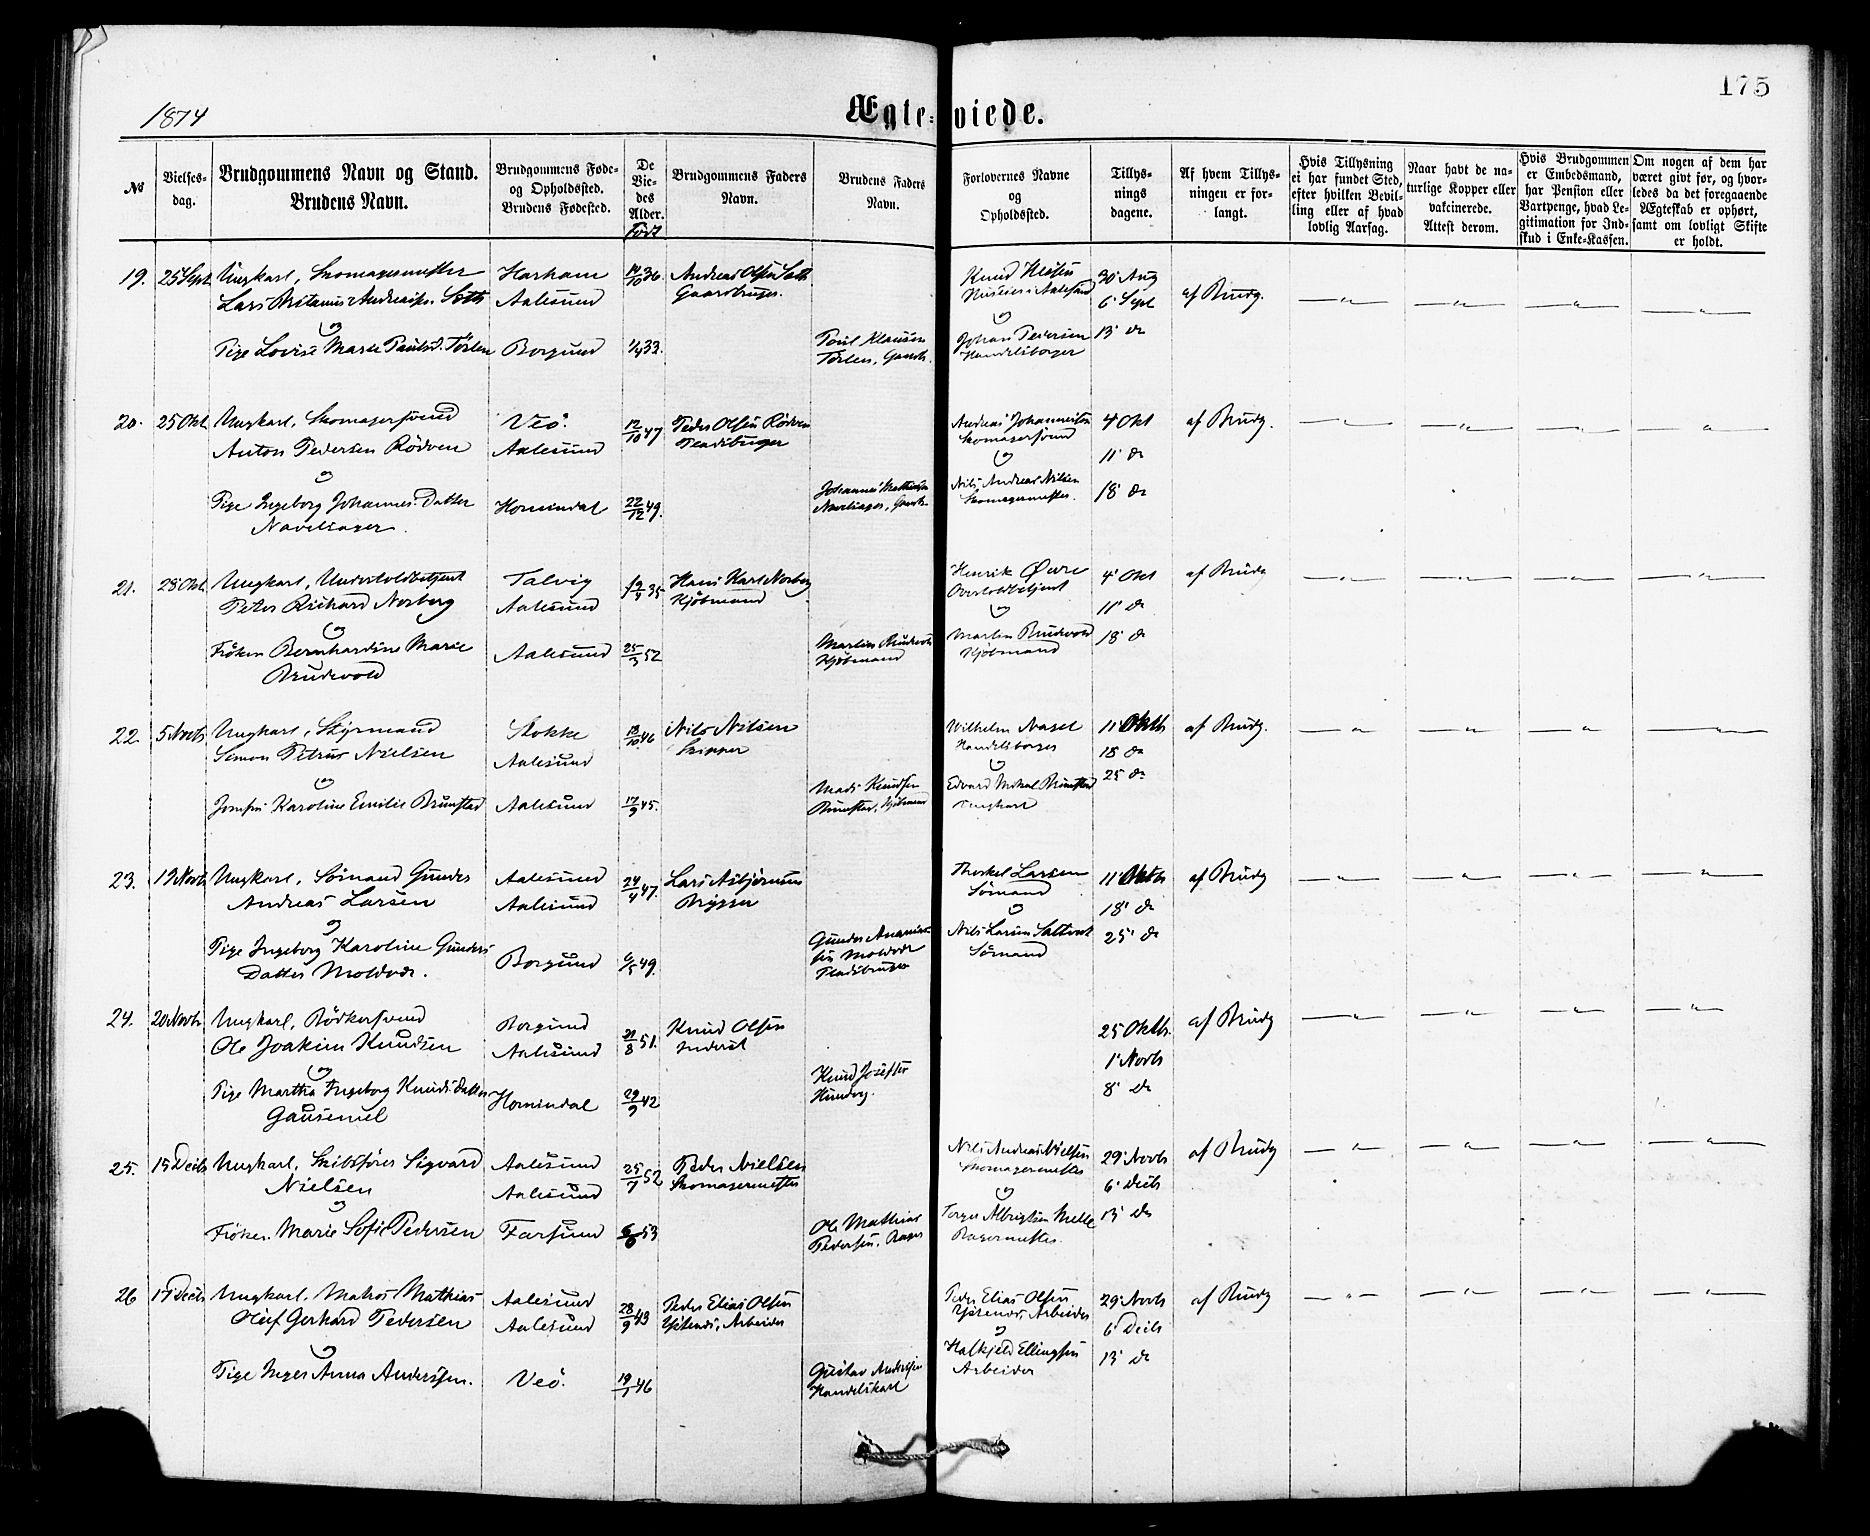 SAT, Ministerialprotokoller, klokkerbøker og fødselsregistre - Møre og Romsdal, 529/L0453: Ministerialbok nr. 529A03, 1872-1877, s. 175